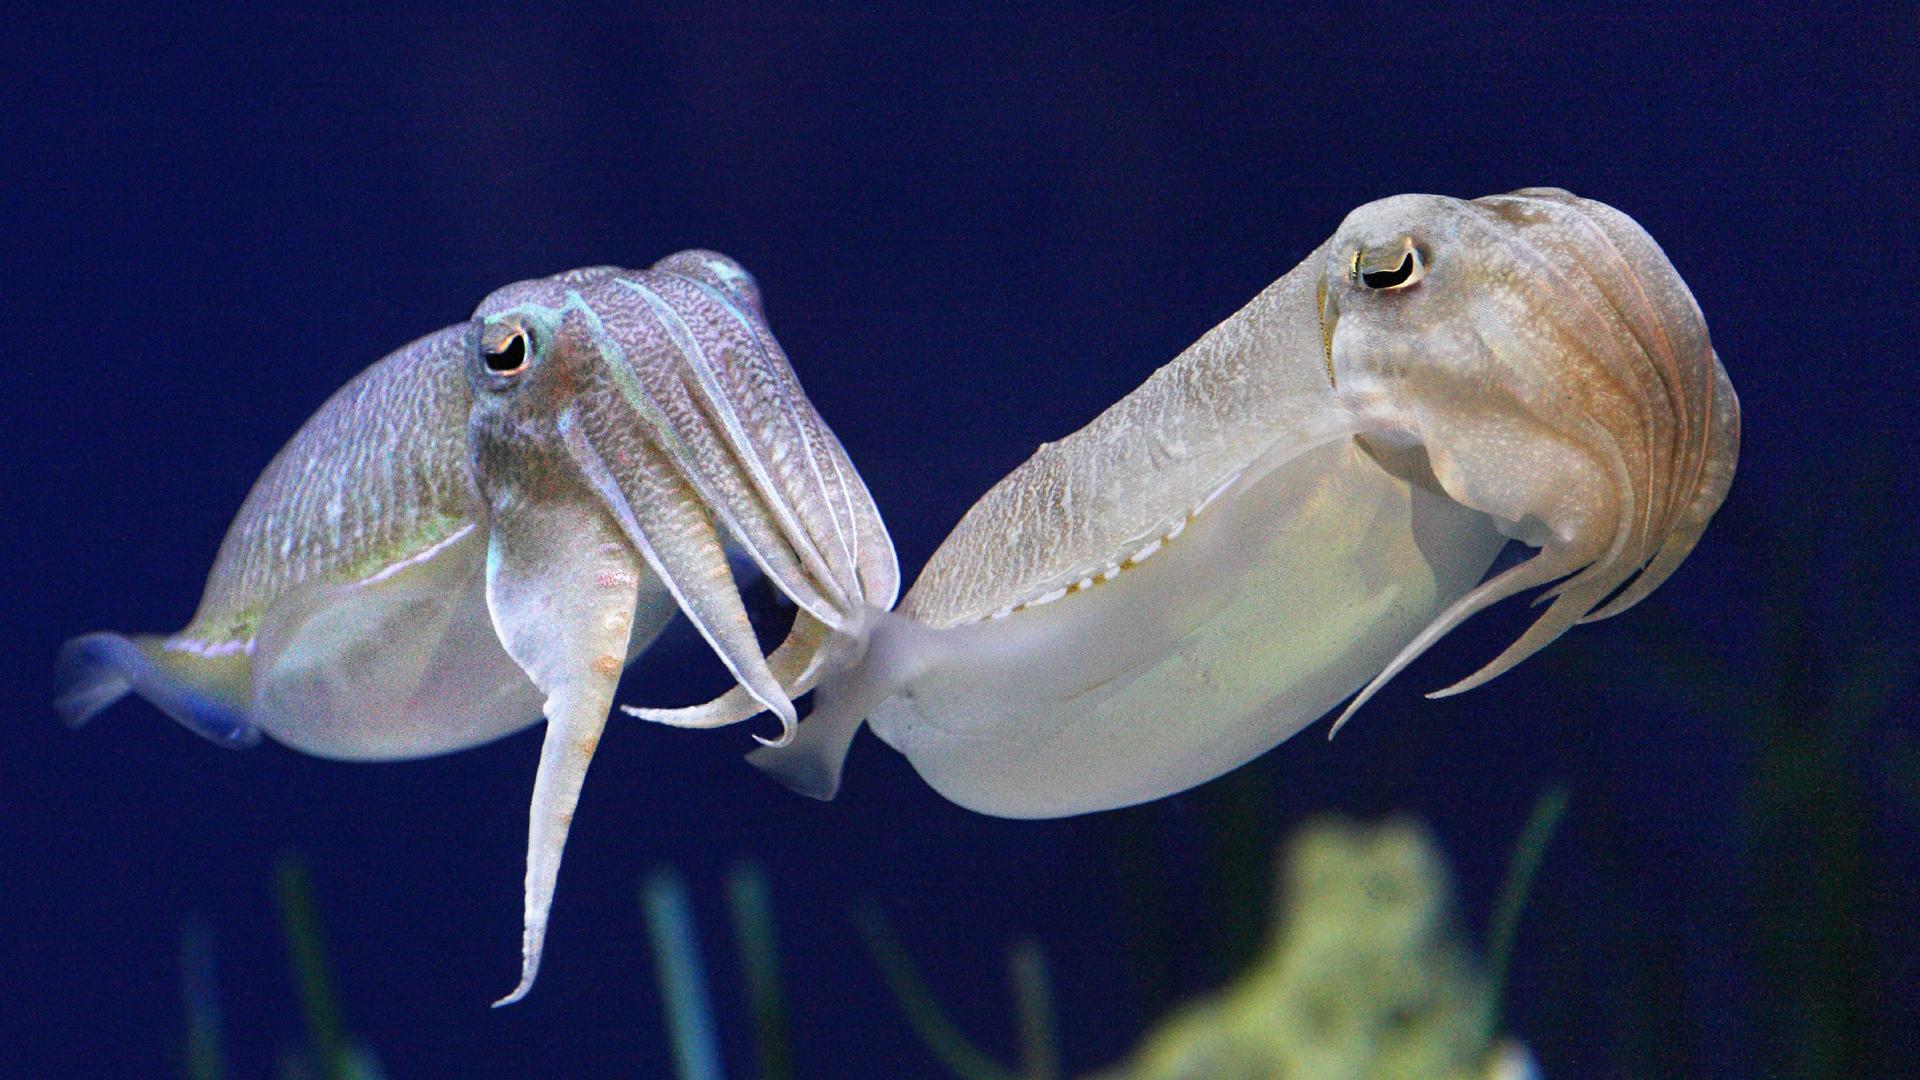 Animals at Monterey Bay Aquarium